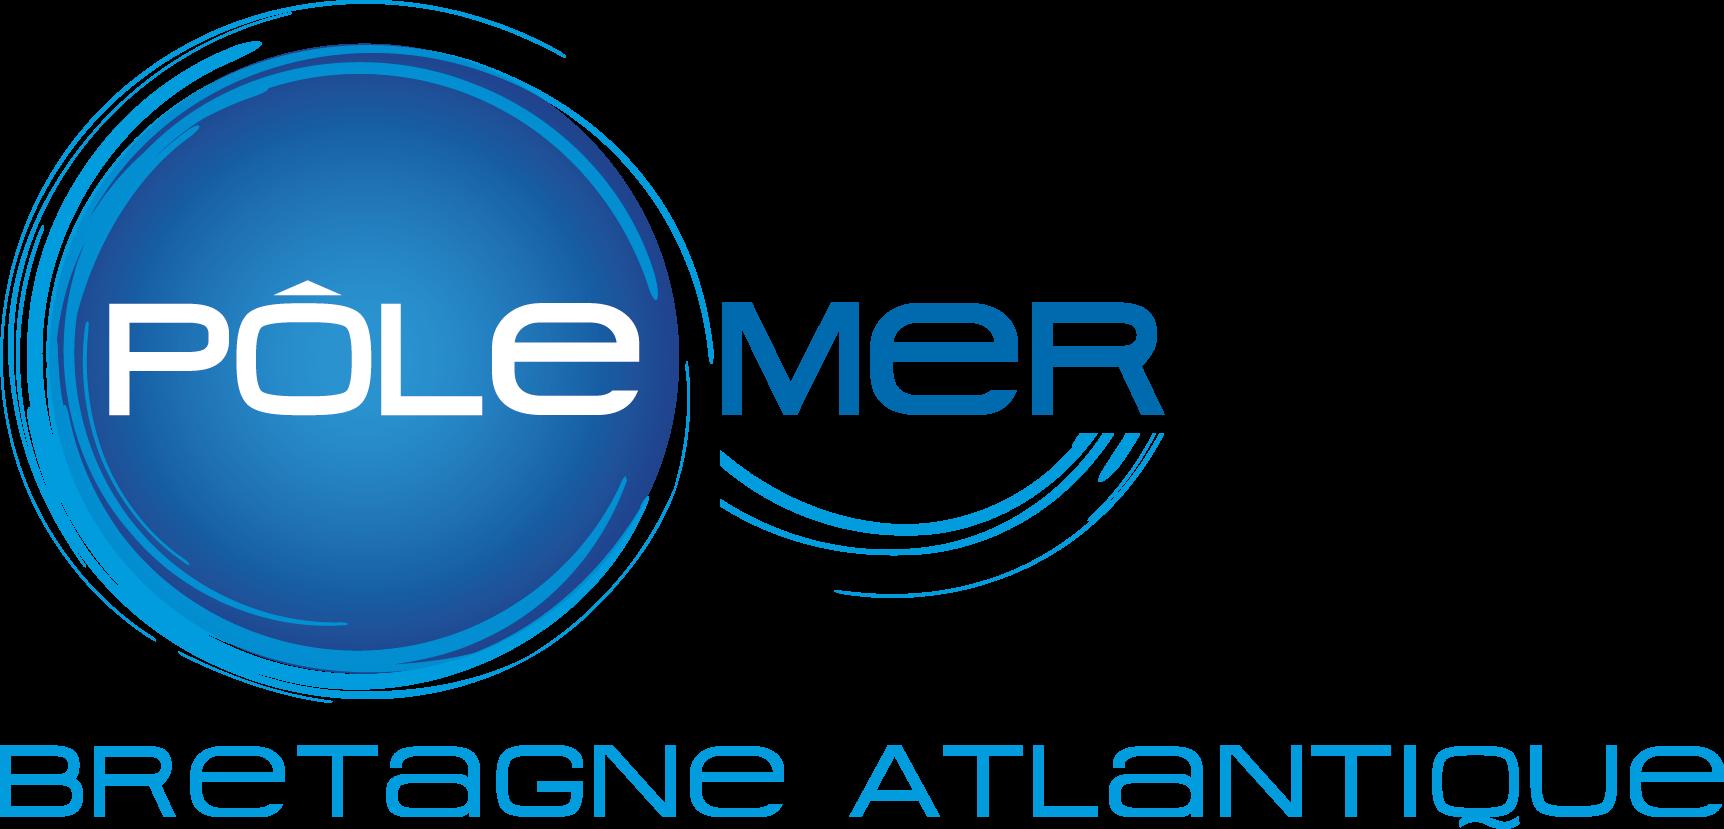 Logo Pôle Mer Bretagne Atlantique partenaire de Loire Atlantique pêche et plaisance